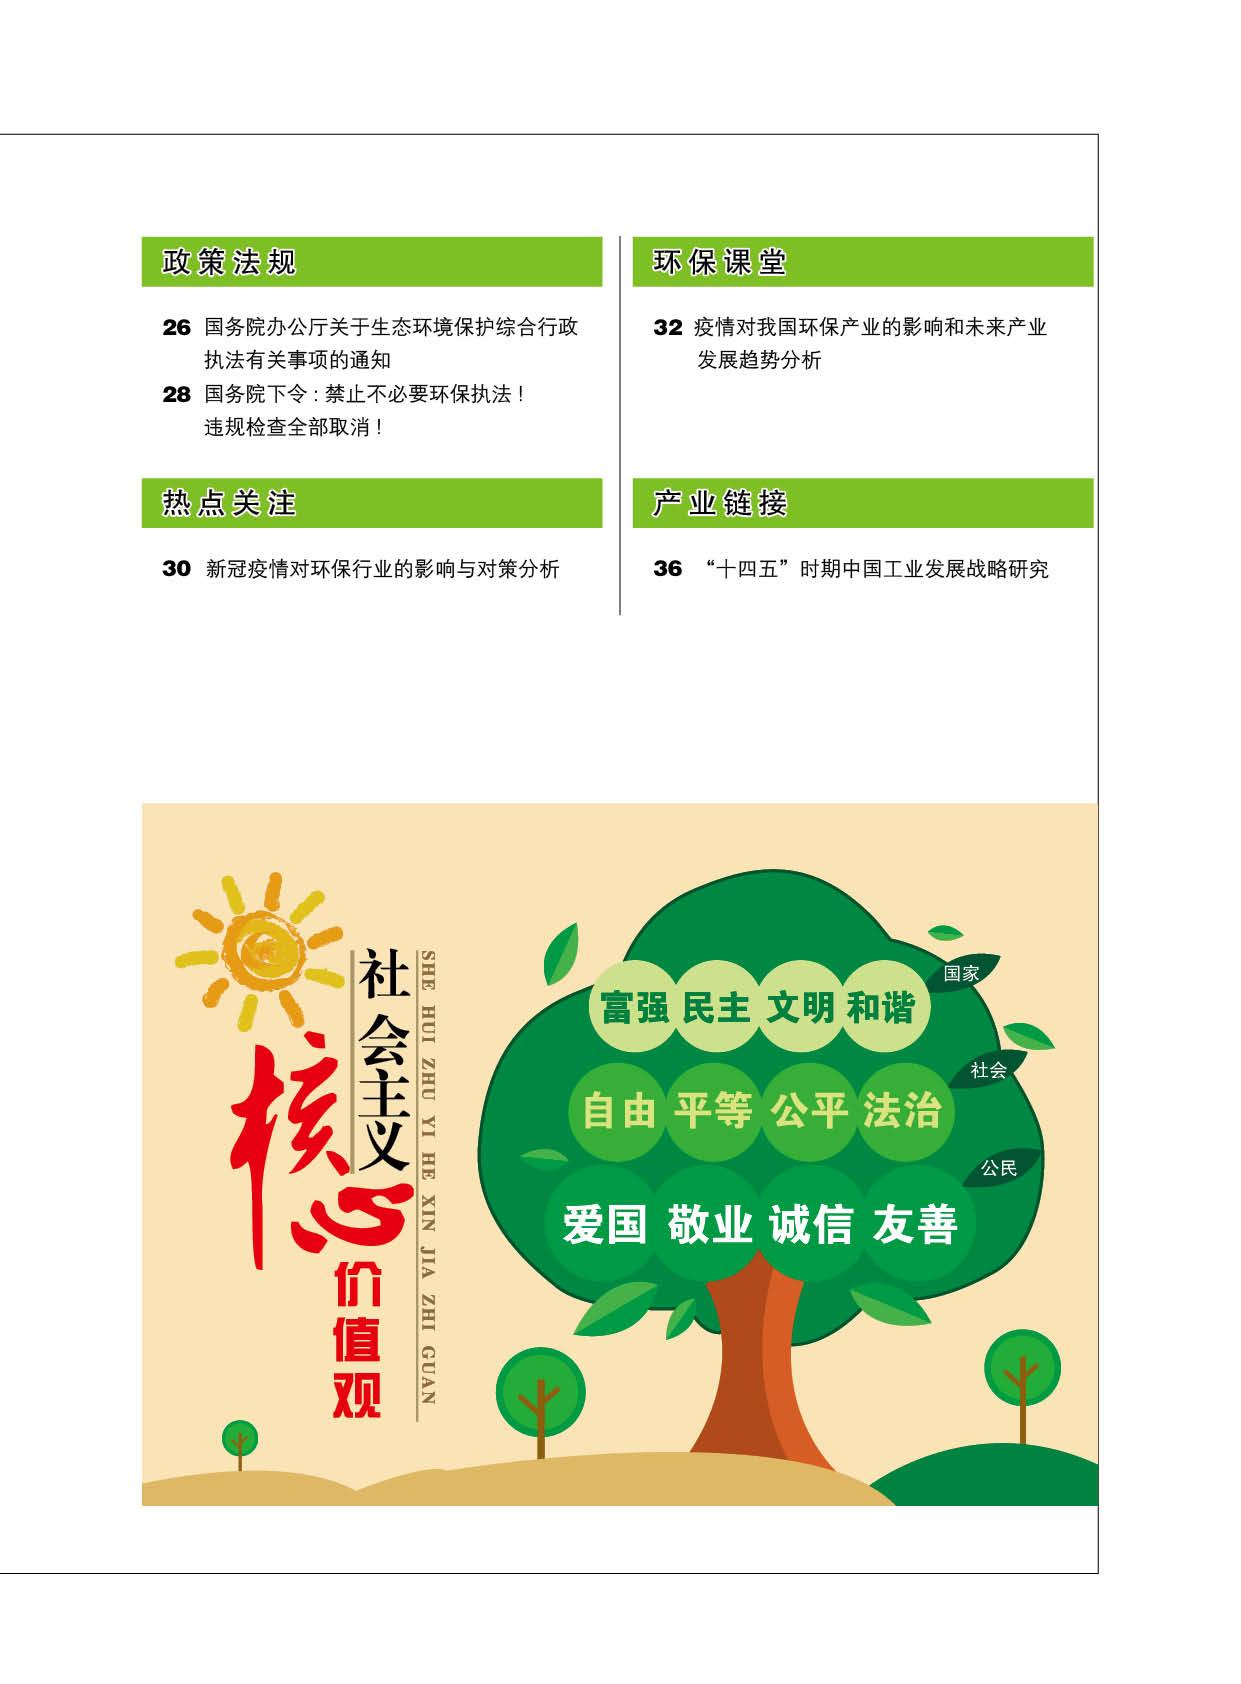 環保-3.jpg